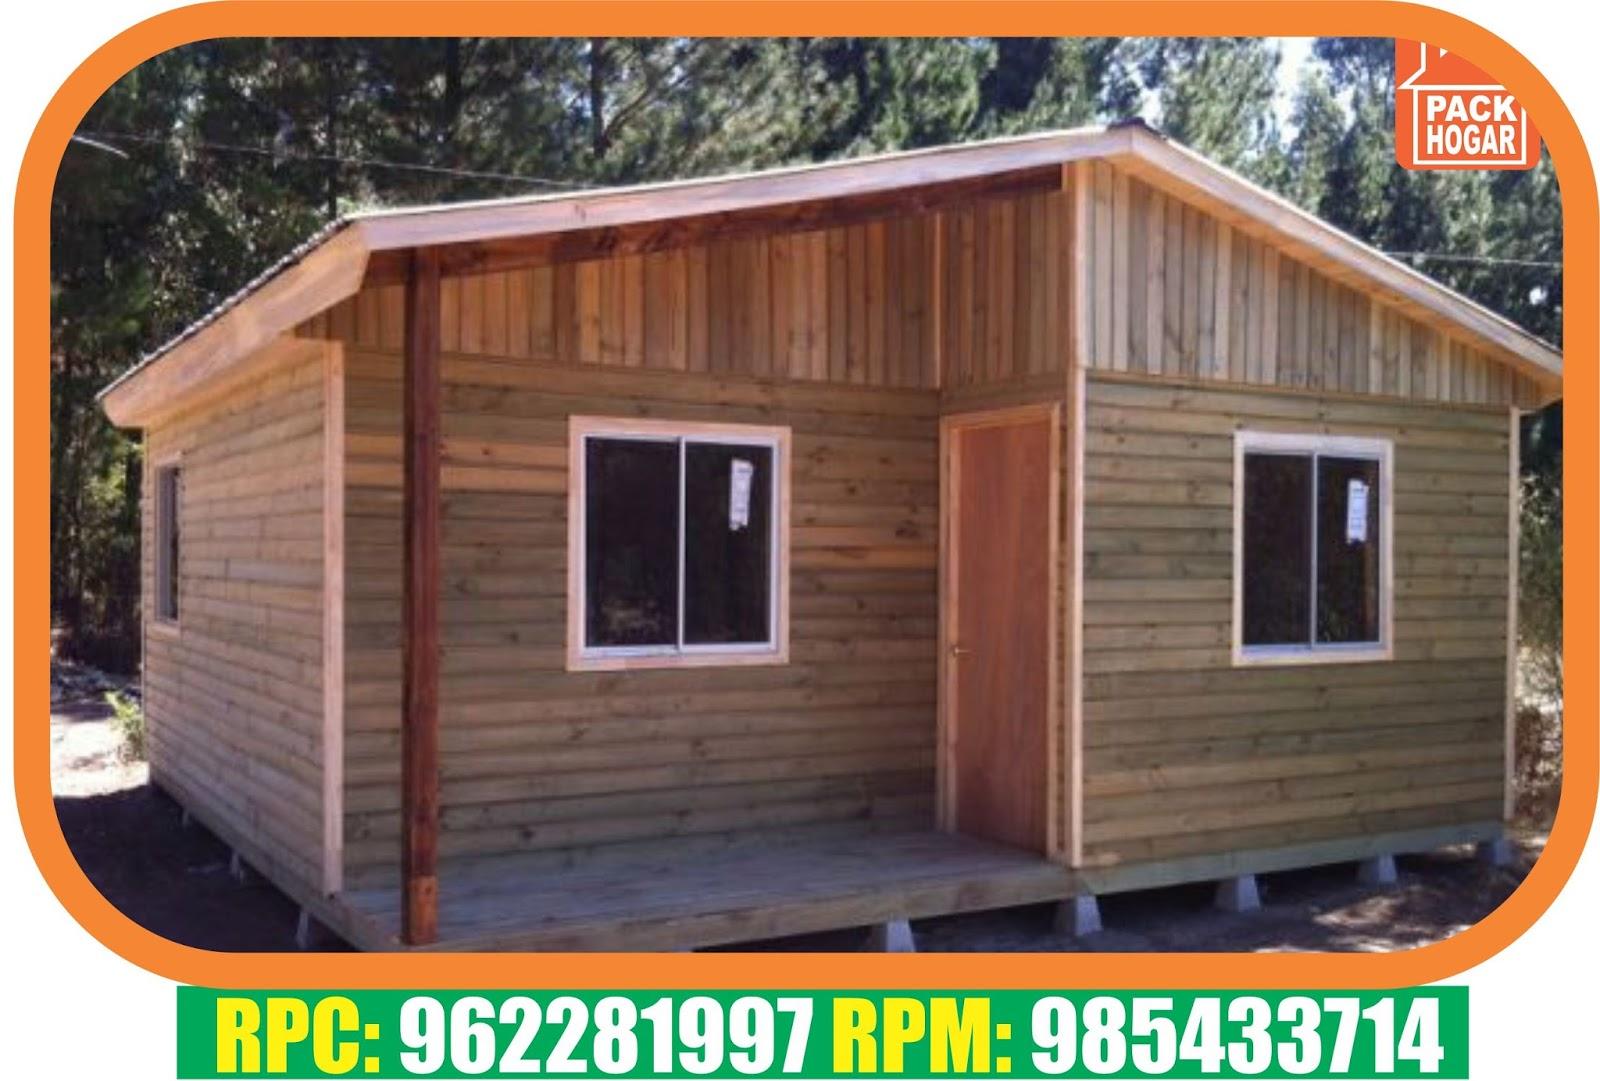 Casa de madera prefabricada 63m2 packhogar - Casa madera economica ...